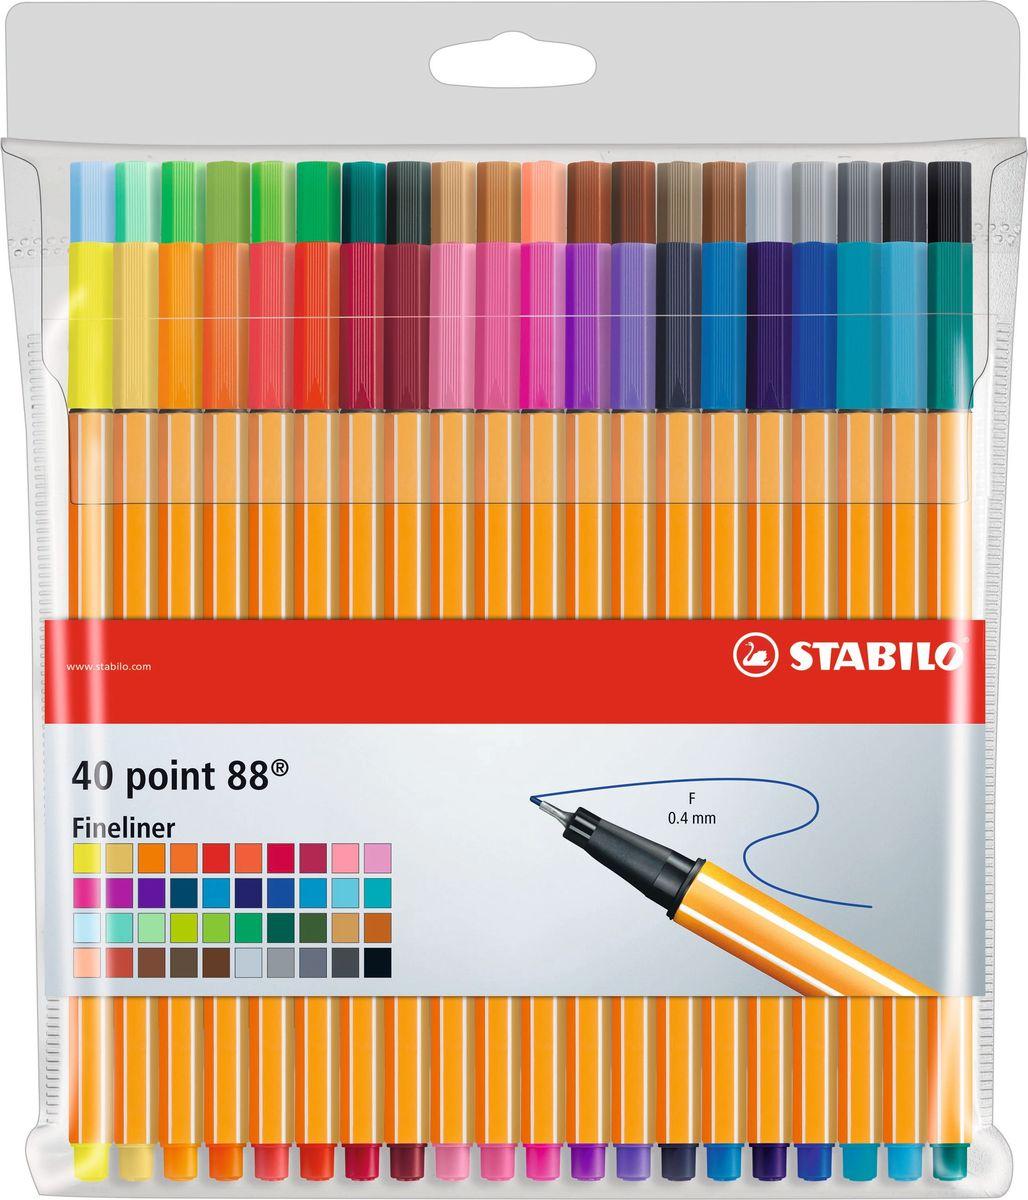 STABILO Набор капиллярных ручек Point 88 40 цветов8840-1Набор состоит из 40 цветов капиллярных ручек STABILO Point 88.Великолепное качество и функциональность капиллярных ручек - предмет гордости STABILO. Они сочетают необыкновенную мягкость письма и исключительную надежность. Эти ручки пишут в любом положении. Износостойкий наконечник и большой запас чернил значительно продлевают срок службы ручки. Чернила на водной основе мгновенно высыхают, не размазываются, не пропитывают бумагу, легко отстирываются и не имеют запаха. При работе с линейками и трафаретами не оставляют следов чернил благодаря металлическому стержню, защищающему наконечник.